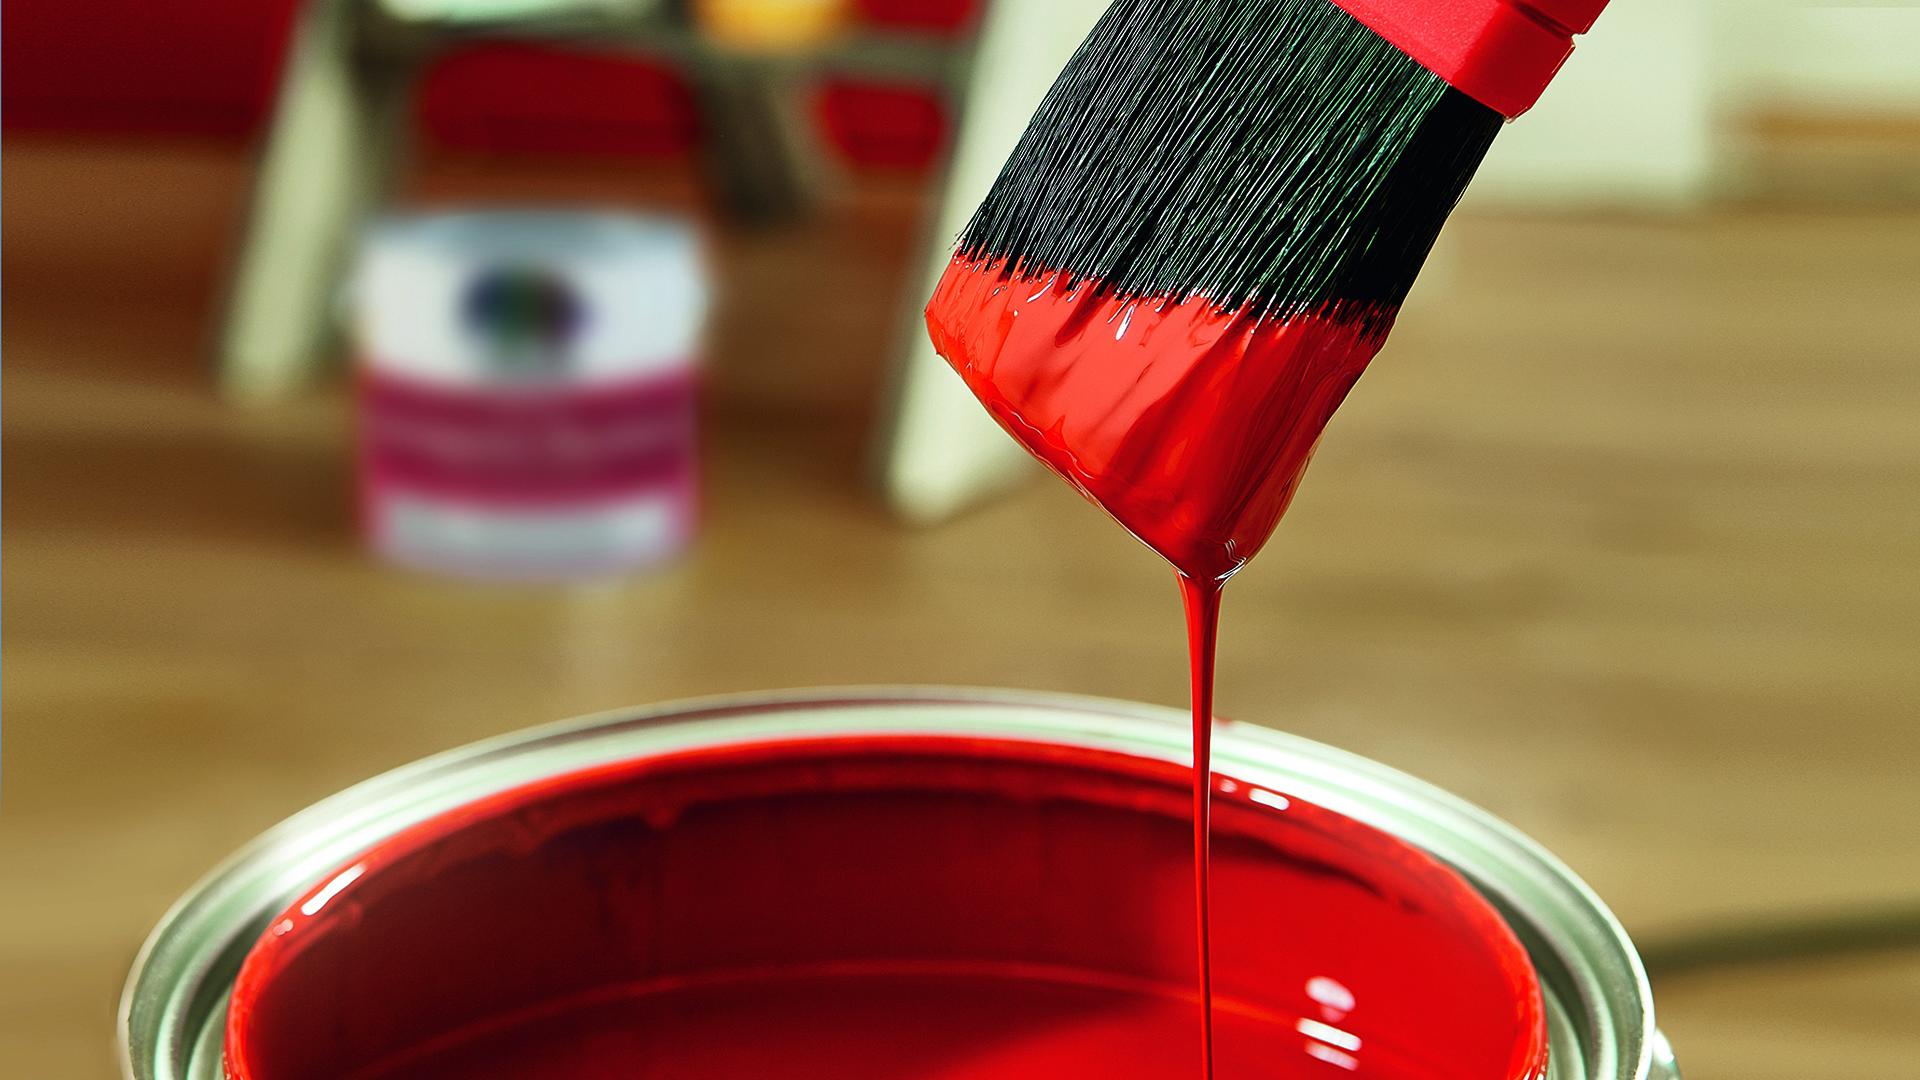 Smalti e vernici: strumenti e consigli per l'applicazione a regola d'arte